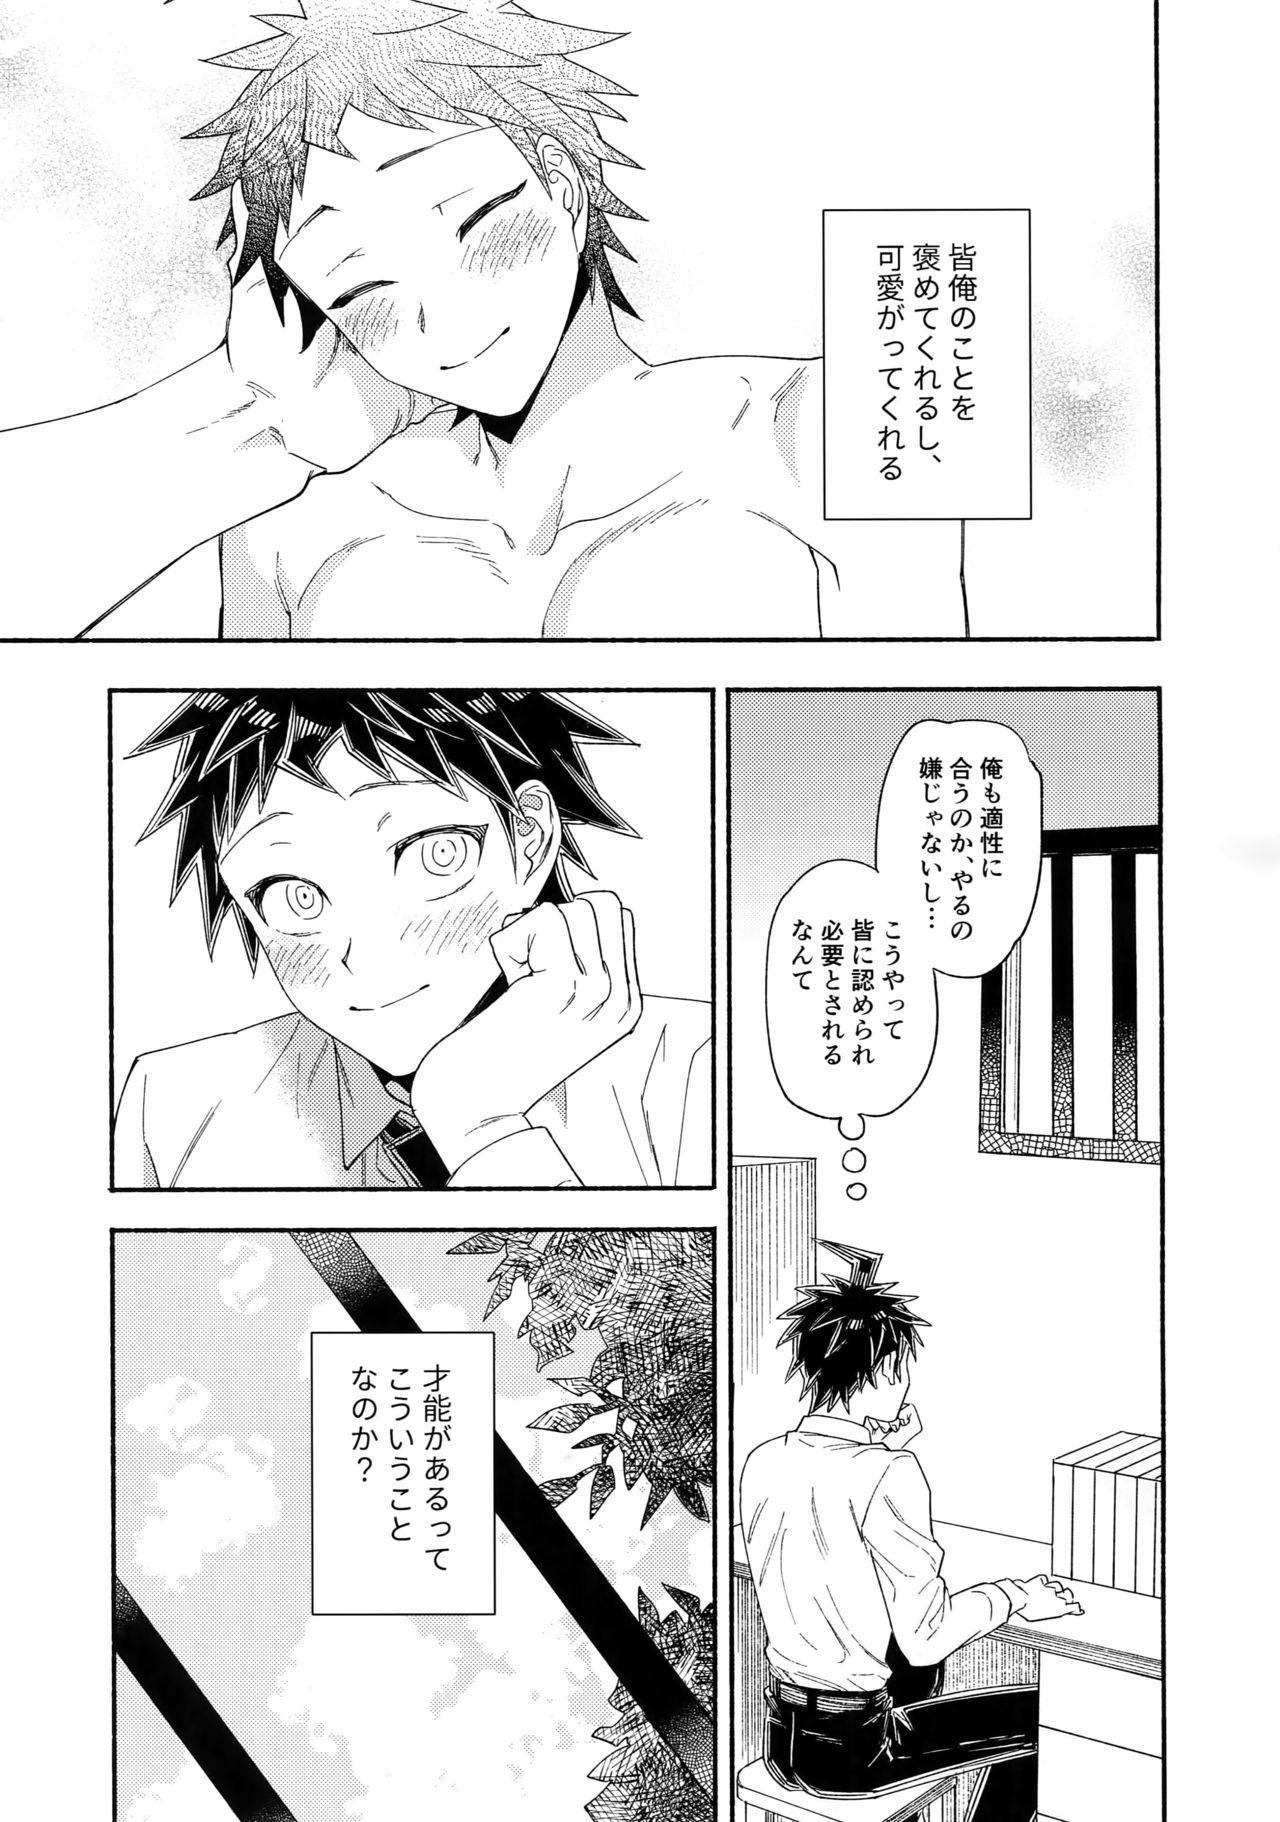 Aisareru Yobi Gakka 21